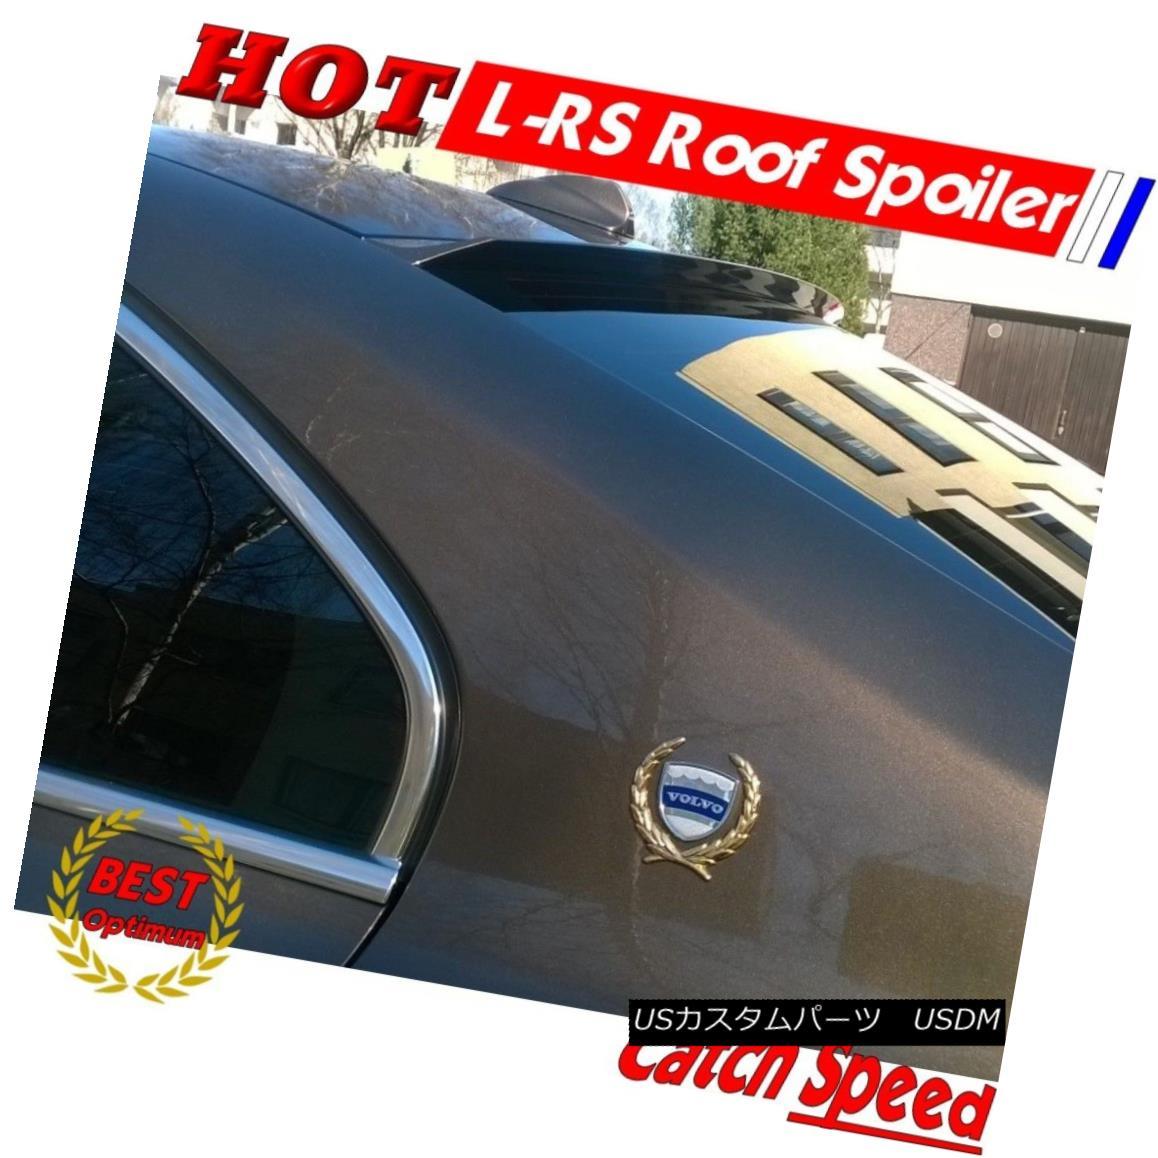 エアロパーツ Painted LRS Type Rear Roof Spoiler Wing For Volkswagen JETTA Sedan 1992-1998 ? フォルクスワーゲンJETTAセダン1992-1998のために塗装されたLRSタイプのリアルーフスポイラーウィング?